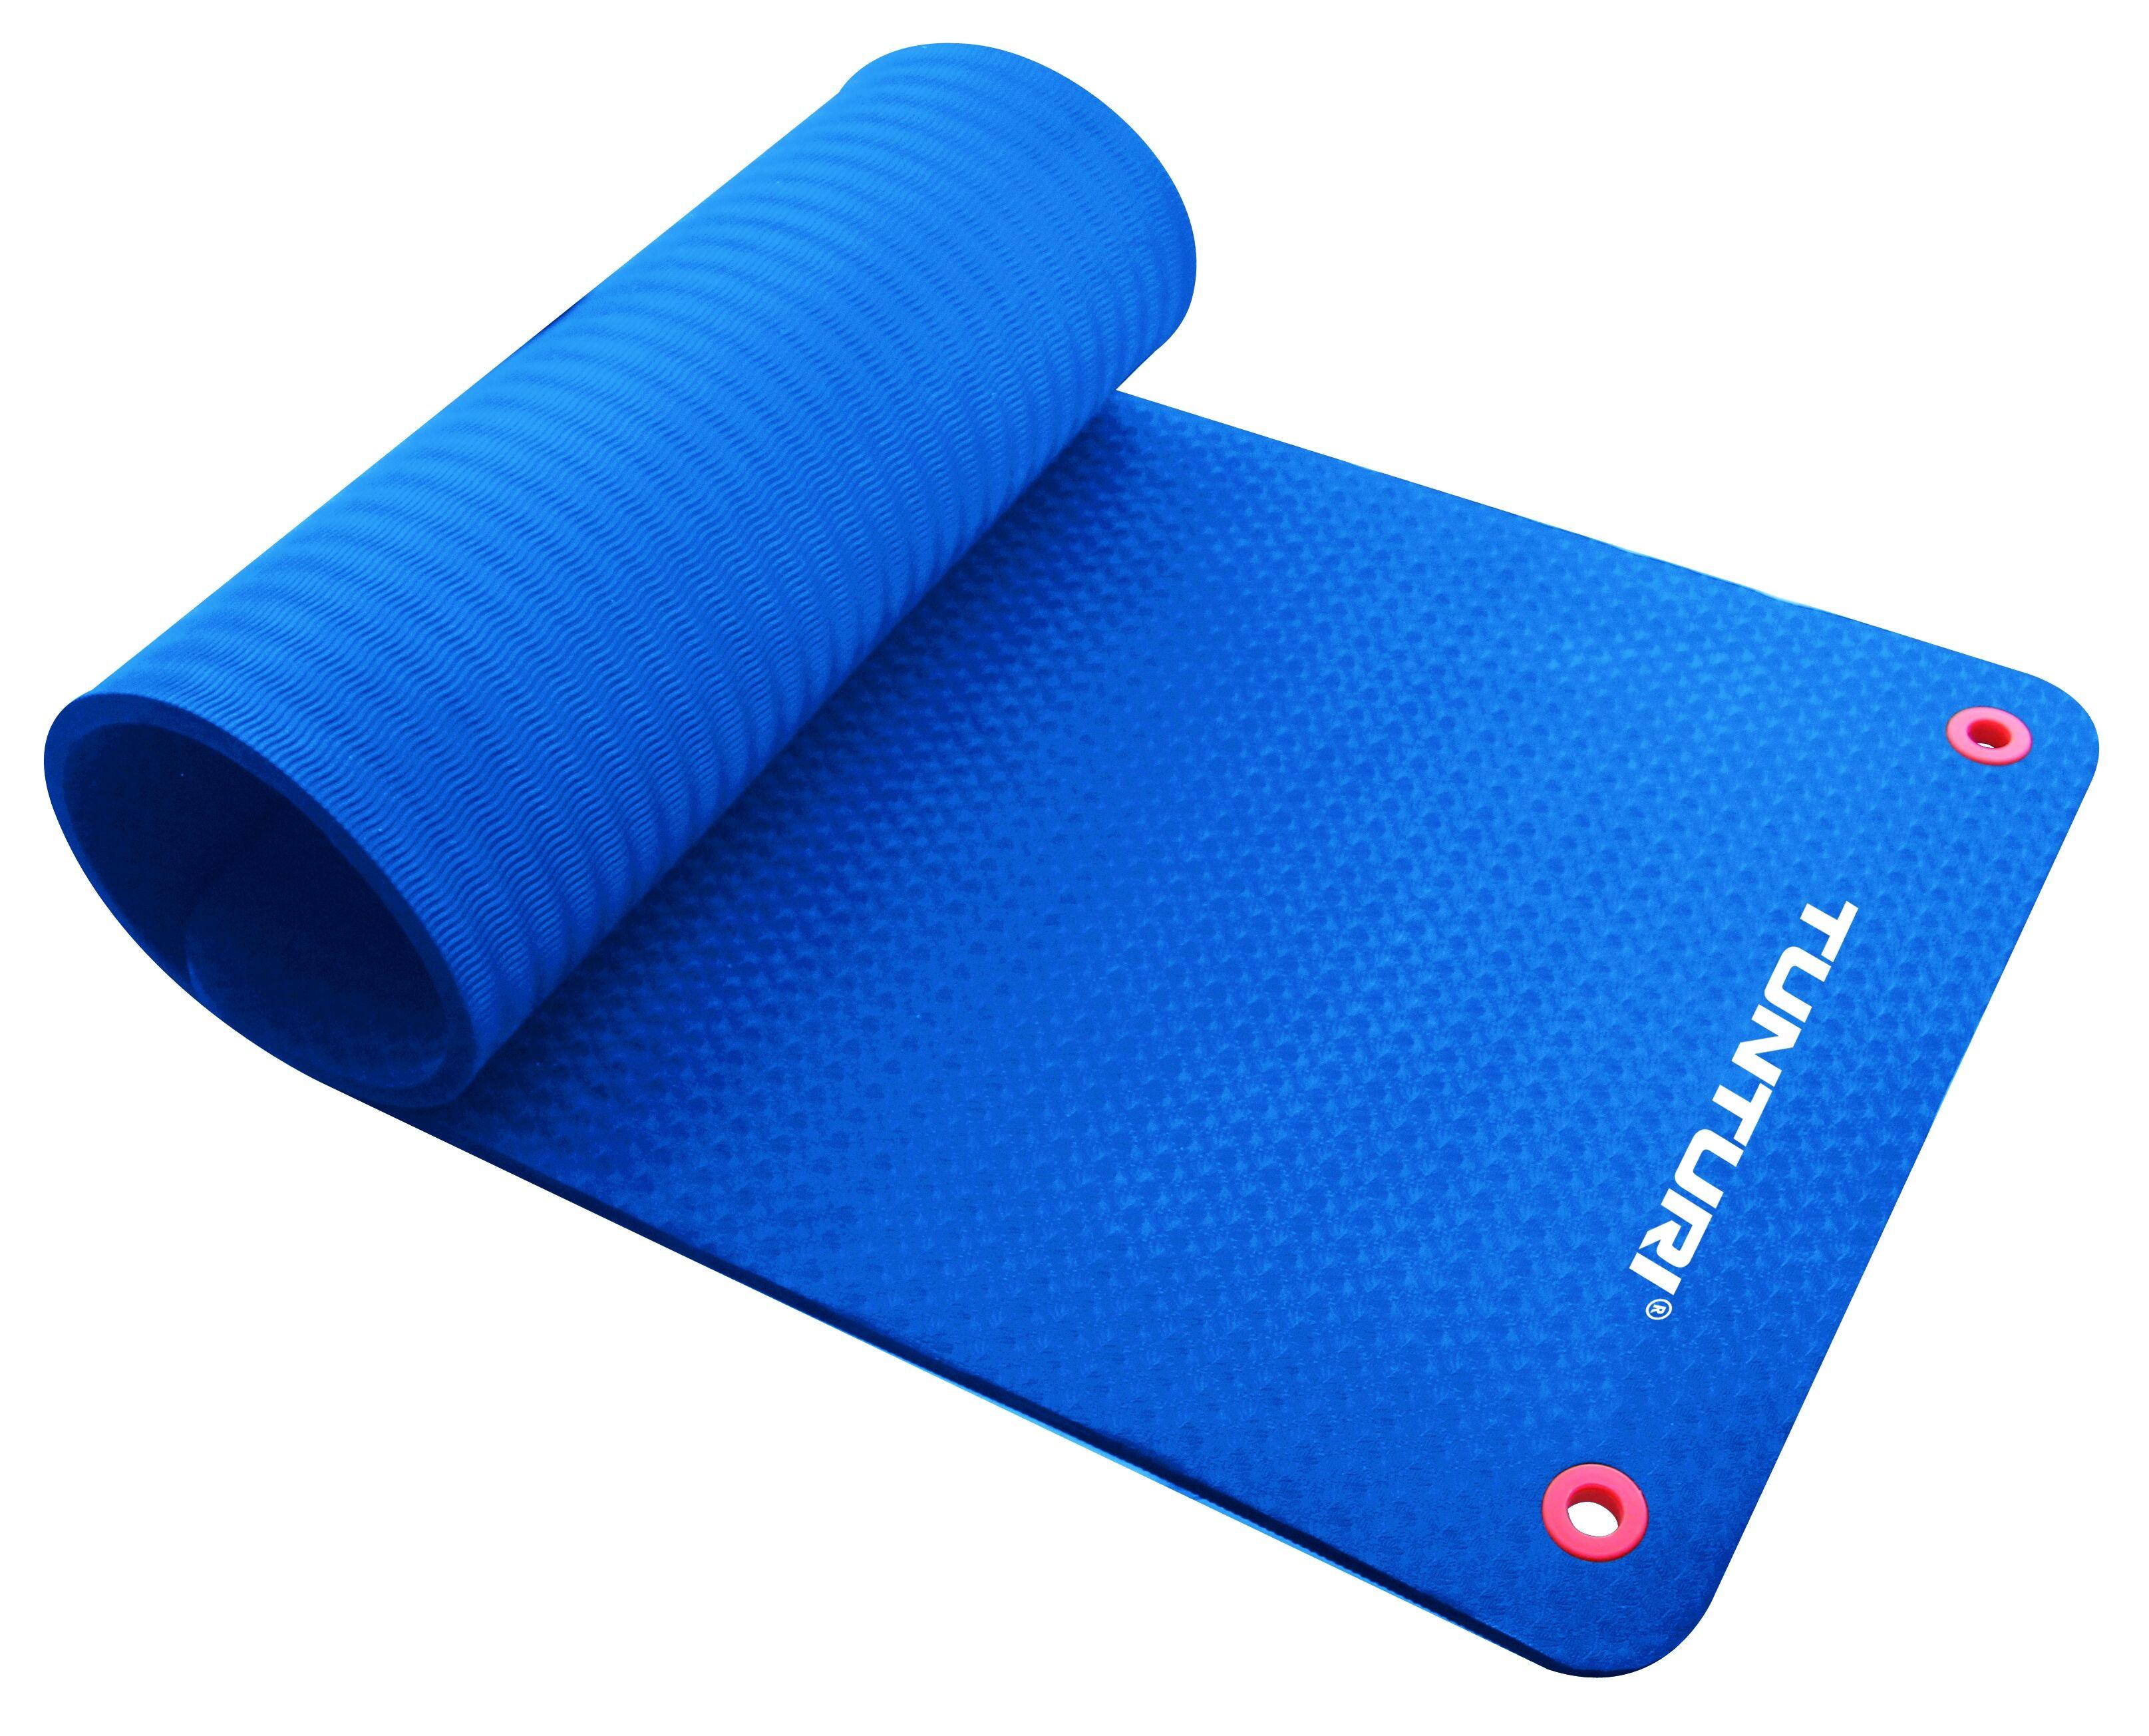 Tunturi-Bremshey Fitnessmat Pro 140cm Blauw Stuk